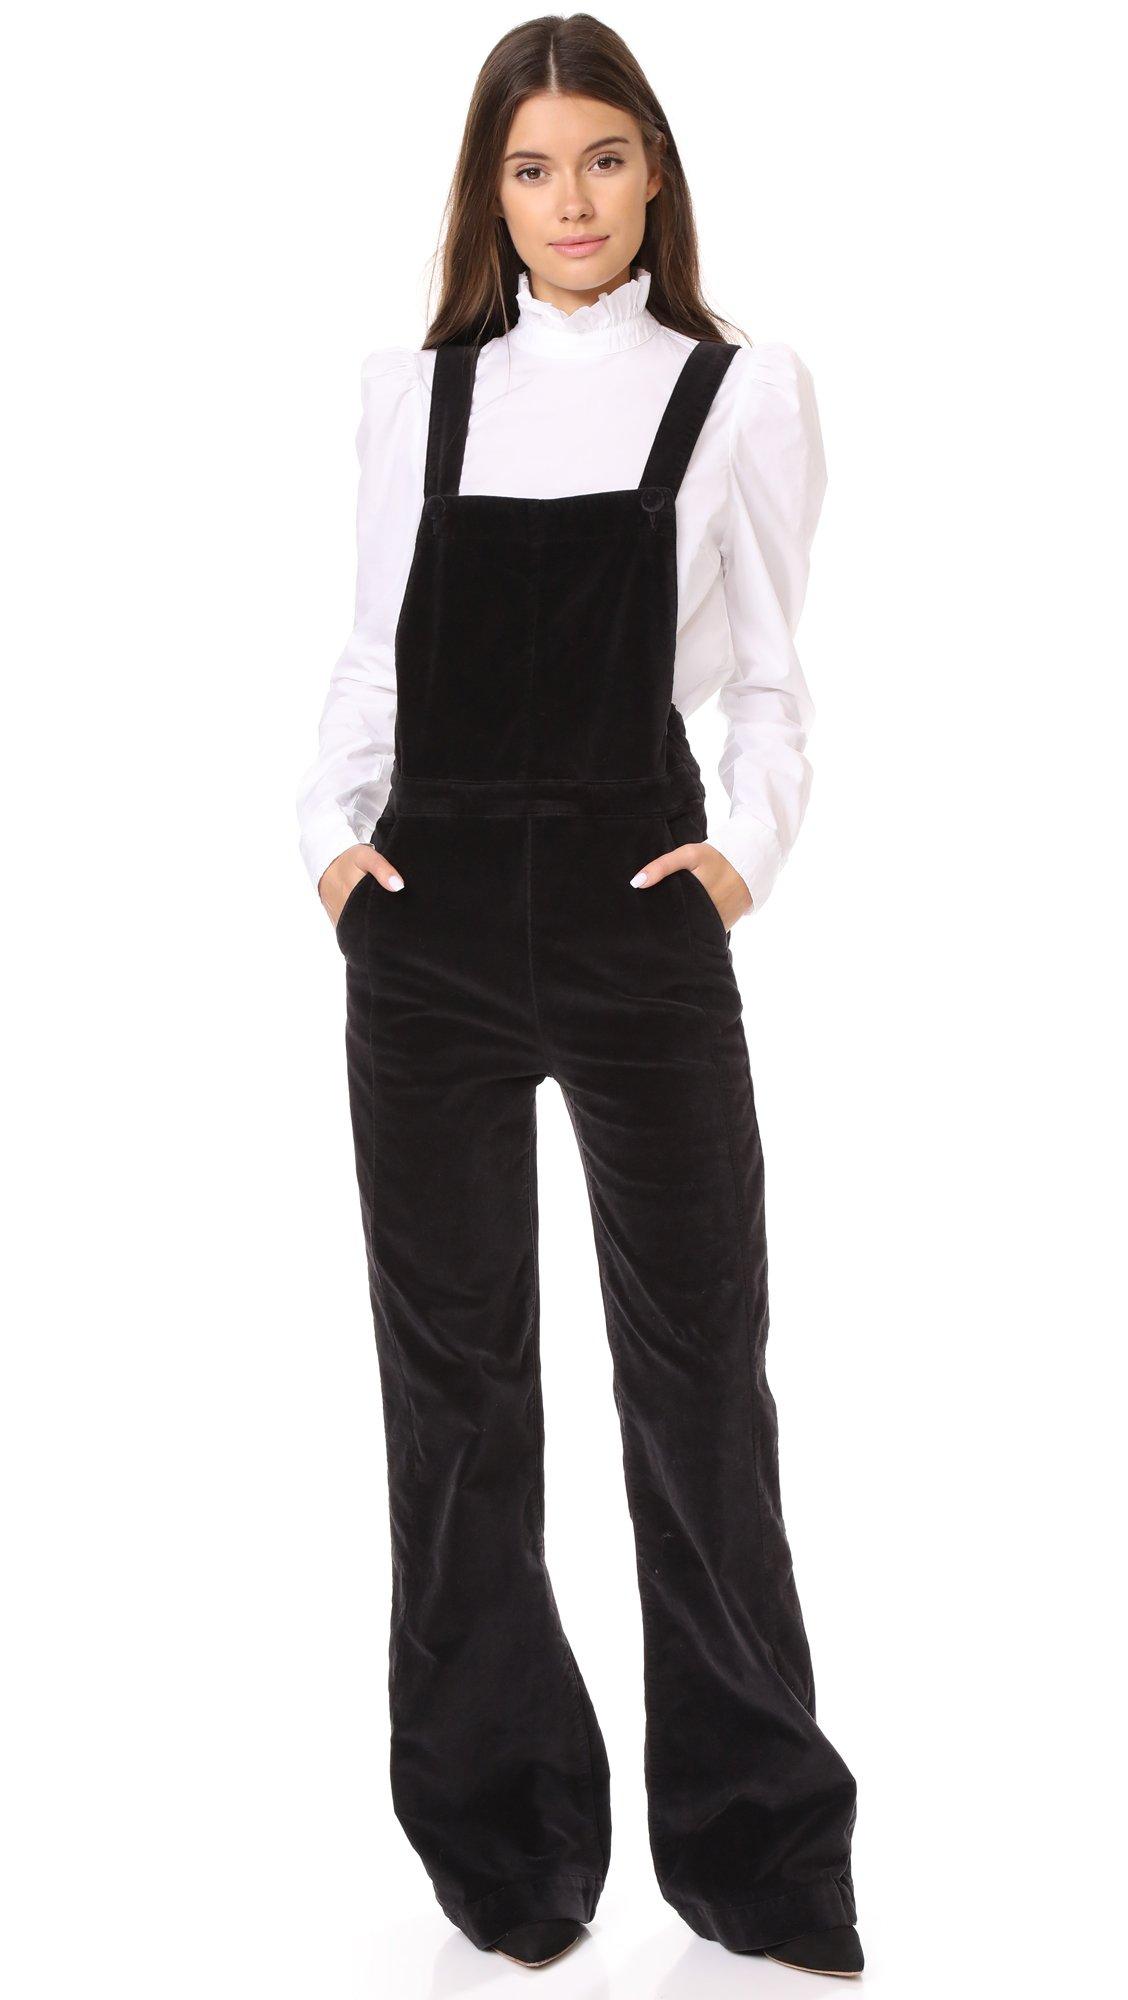 FRAME Women's Velveteen Overalls, Charcoal, Medium